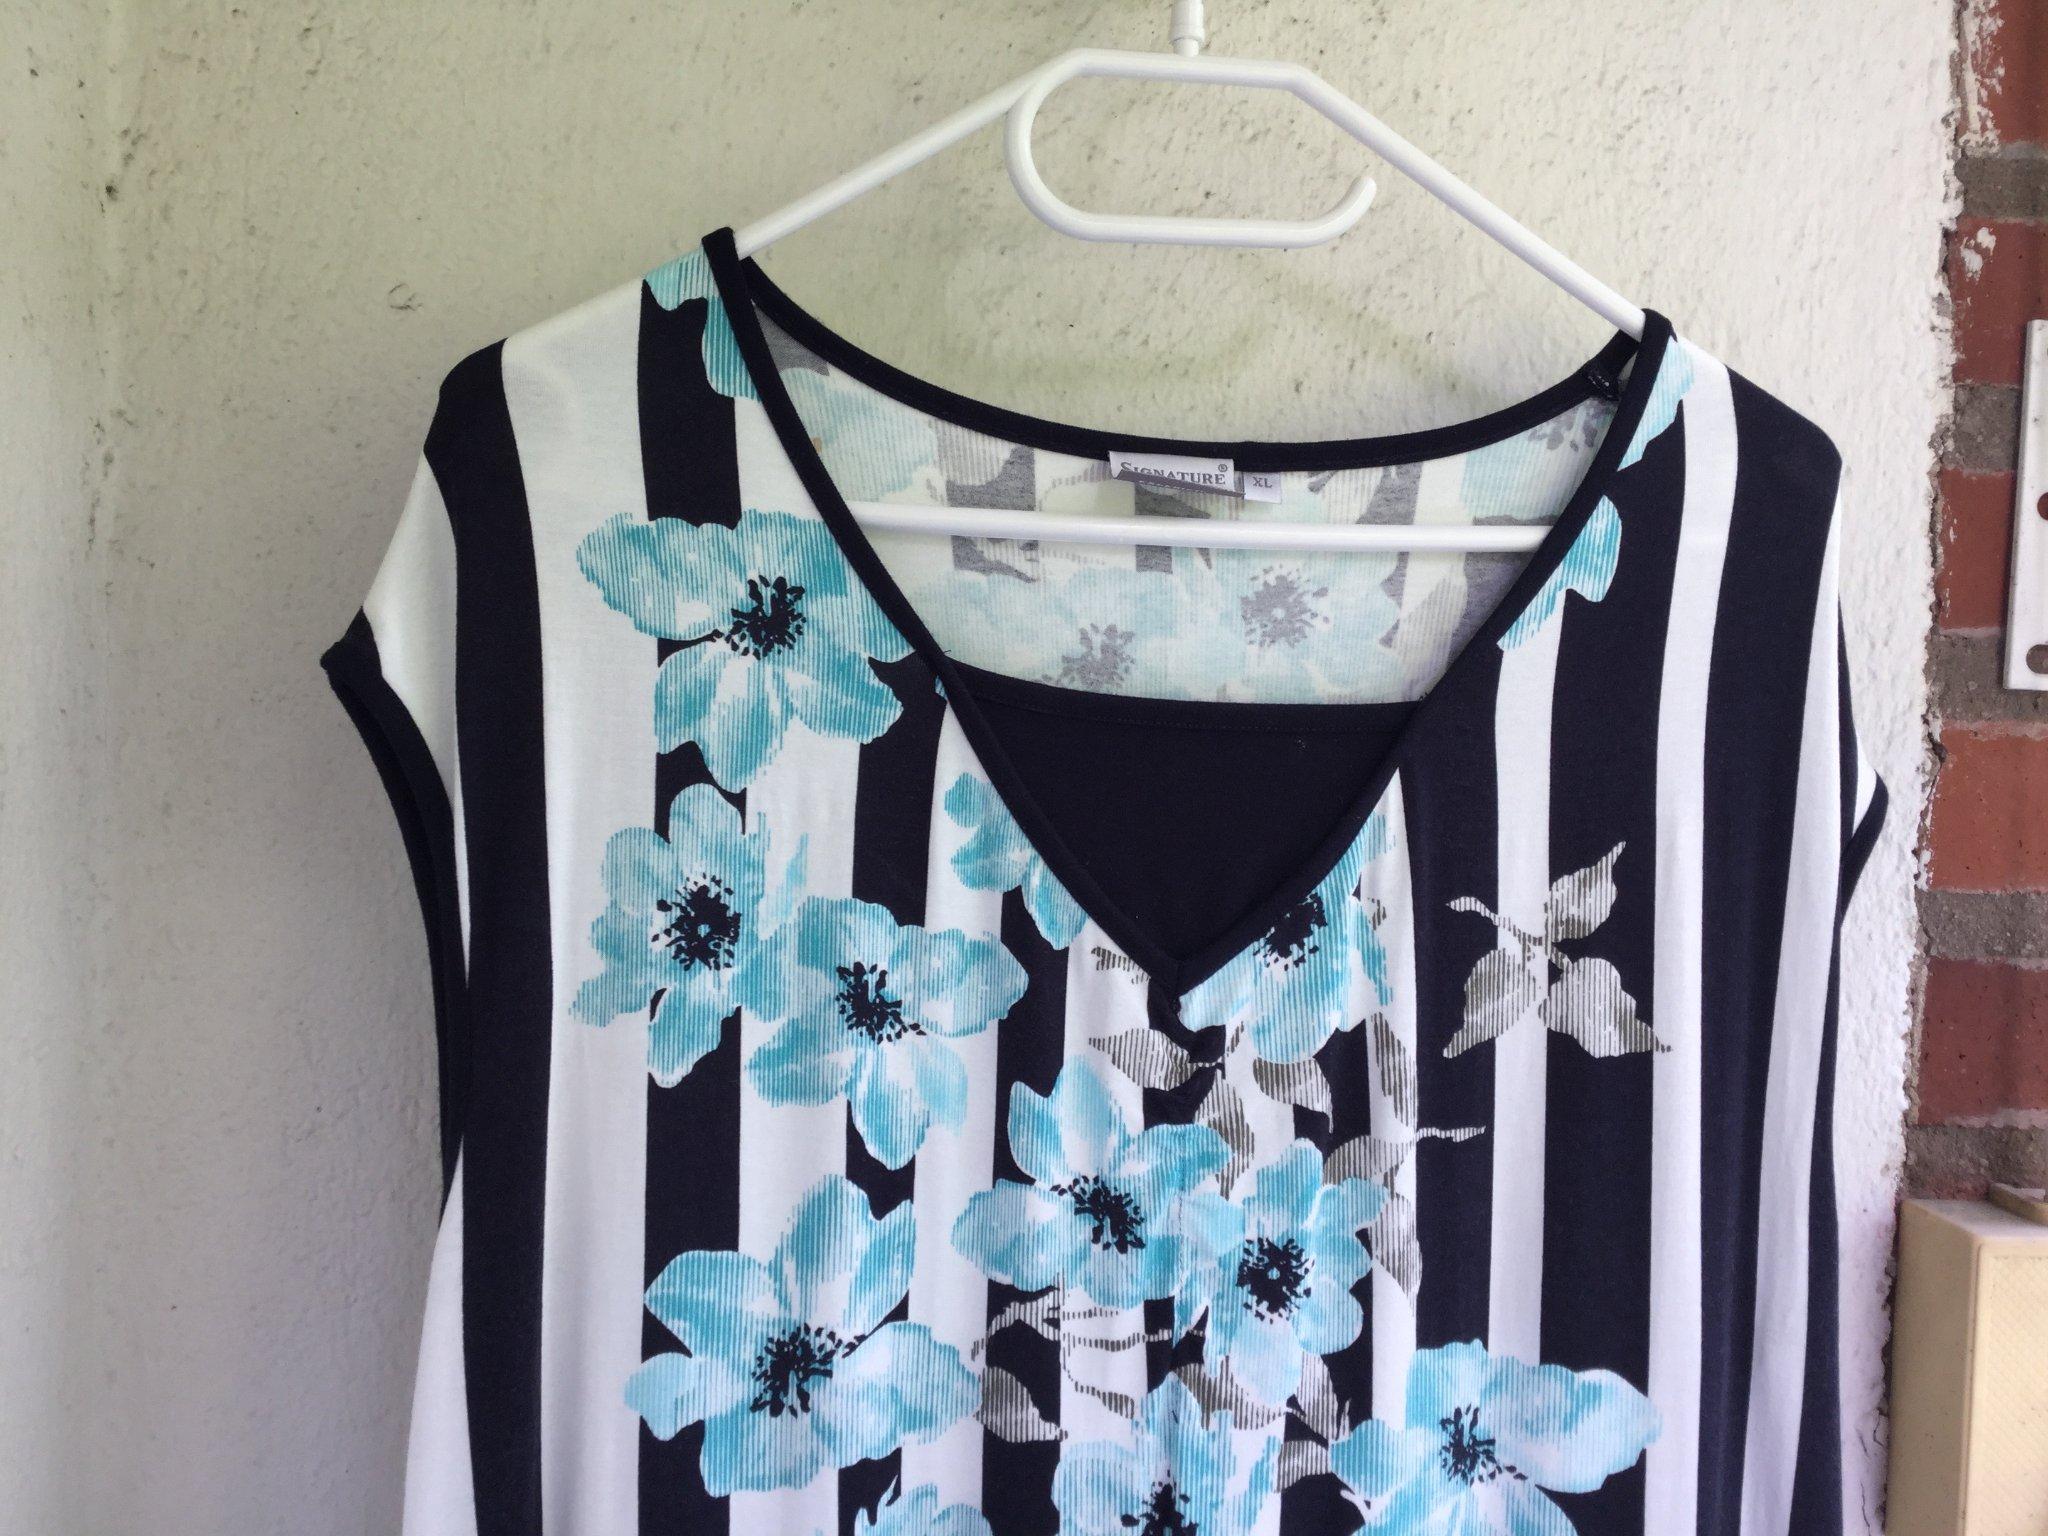 Signature klänning storlek XL. (404951596) ᐈ Köp på Tradera